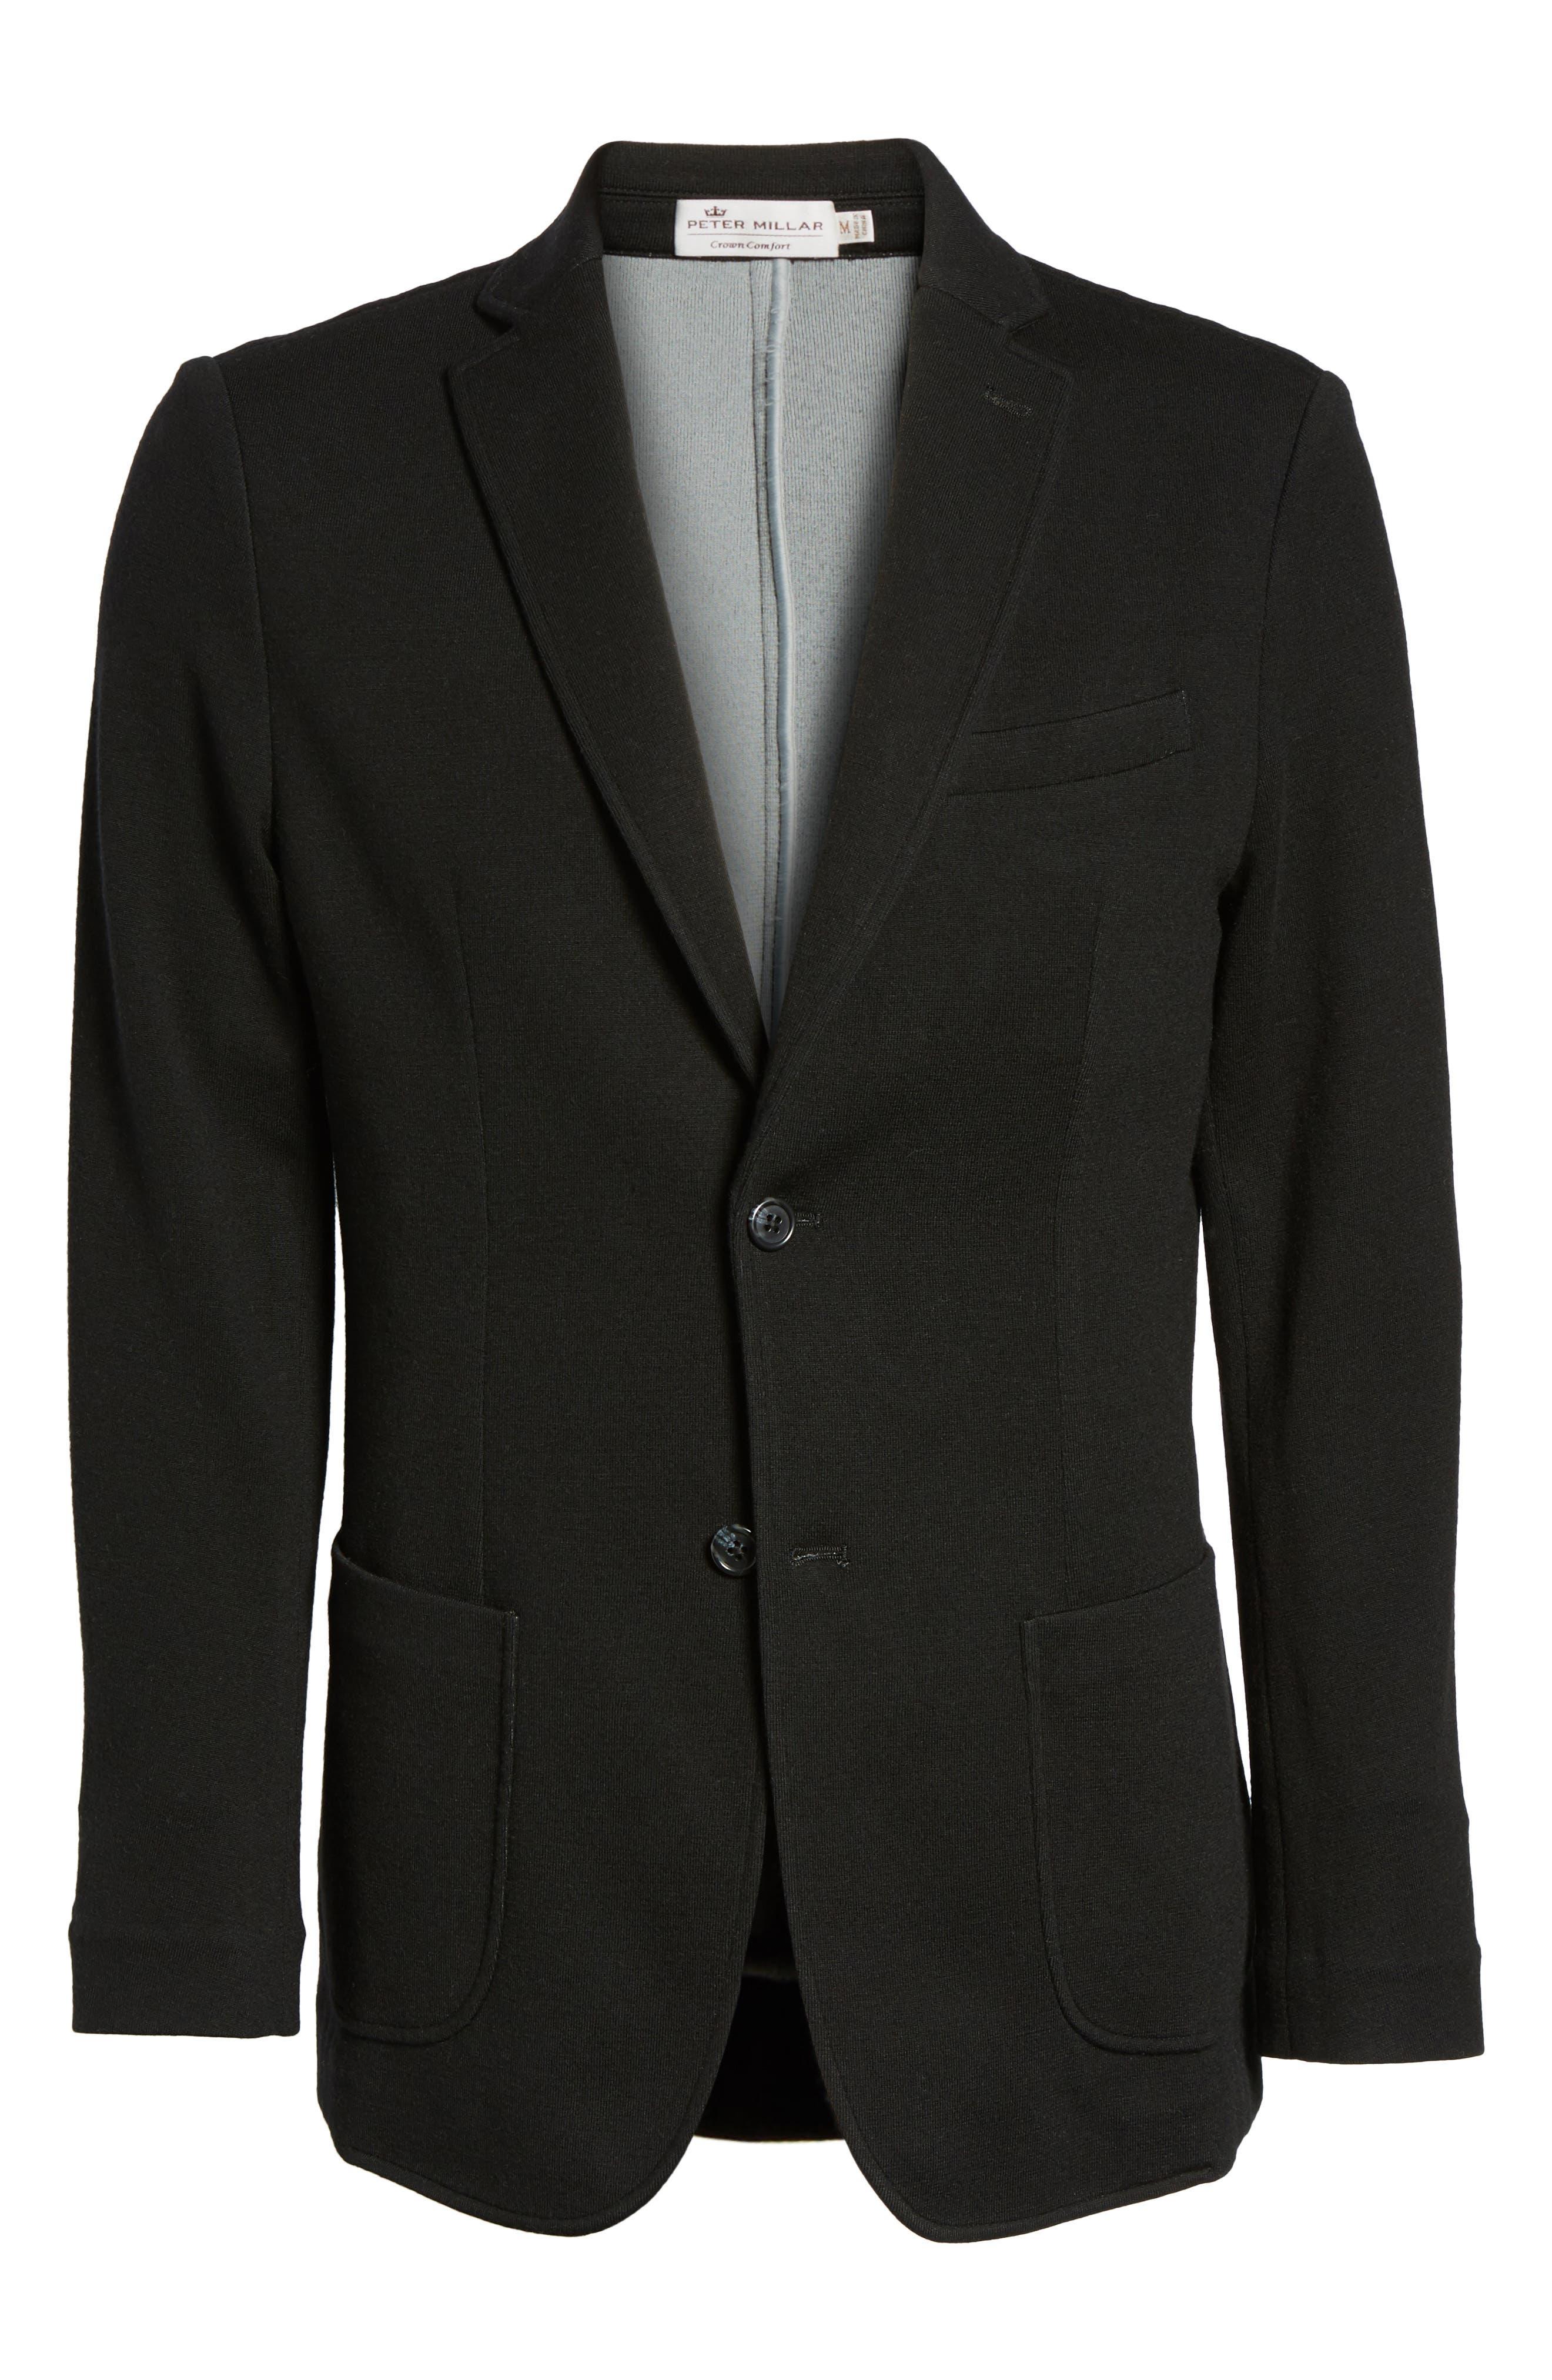 Crown Classic Fit Blazer,                             Alternate thumbnail 7, color,                             Black